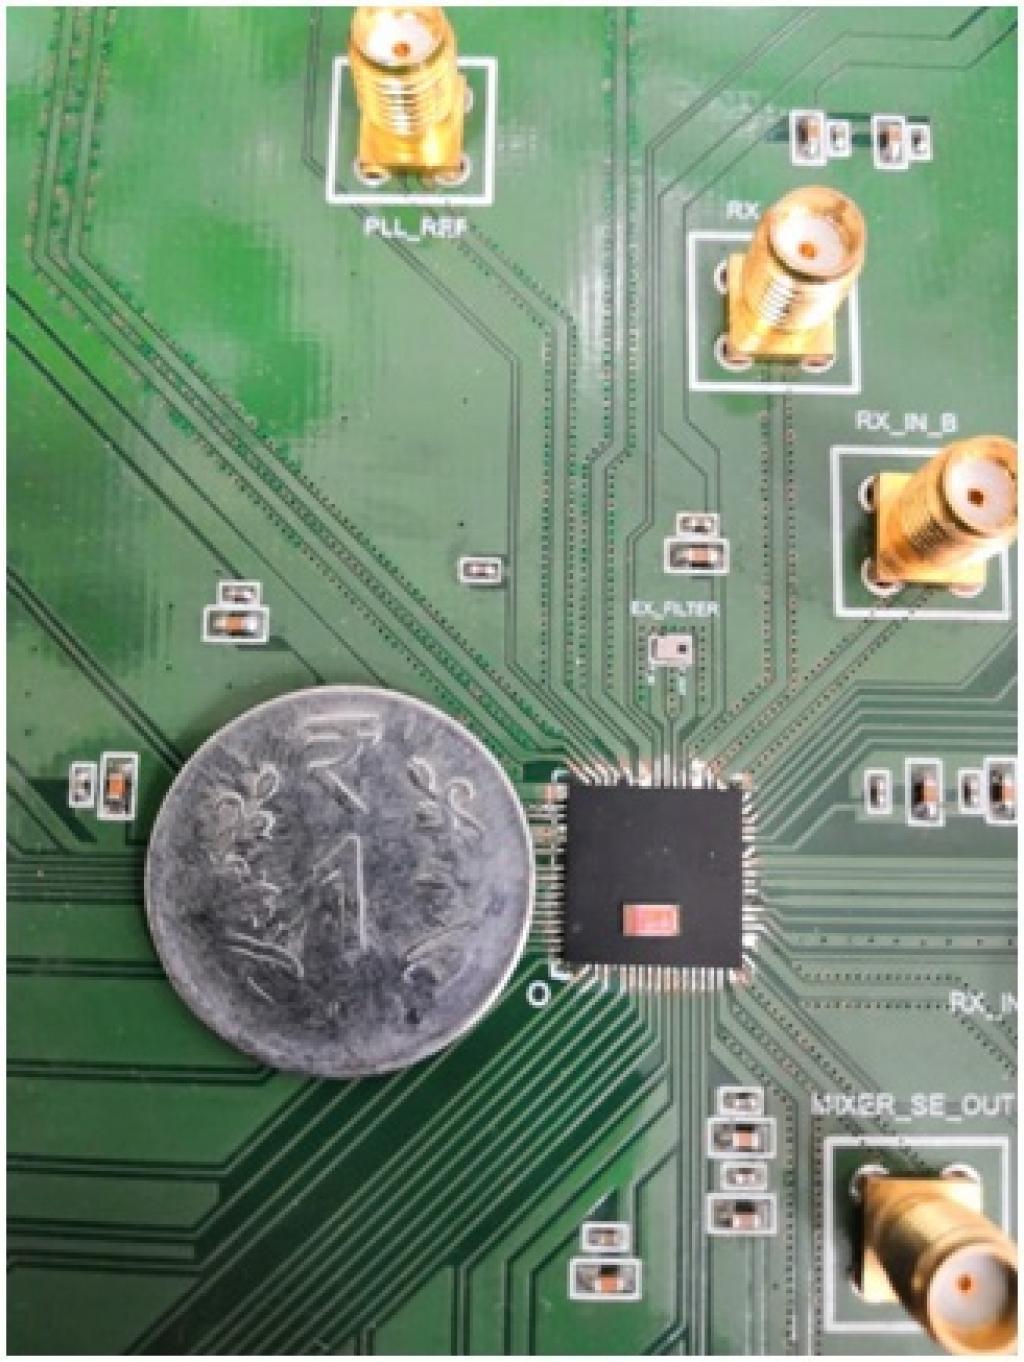 अपने परीक्षण बोर्ड में टीडब्ल्यूआर राडार पैकेज शीर्ष पर रखी गई चिप के साथ (फोटो : आईआईएससी)